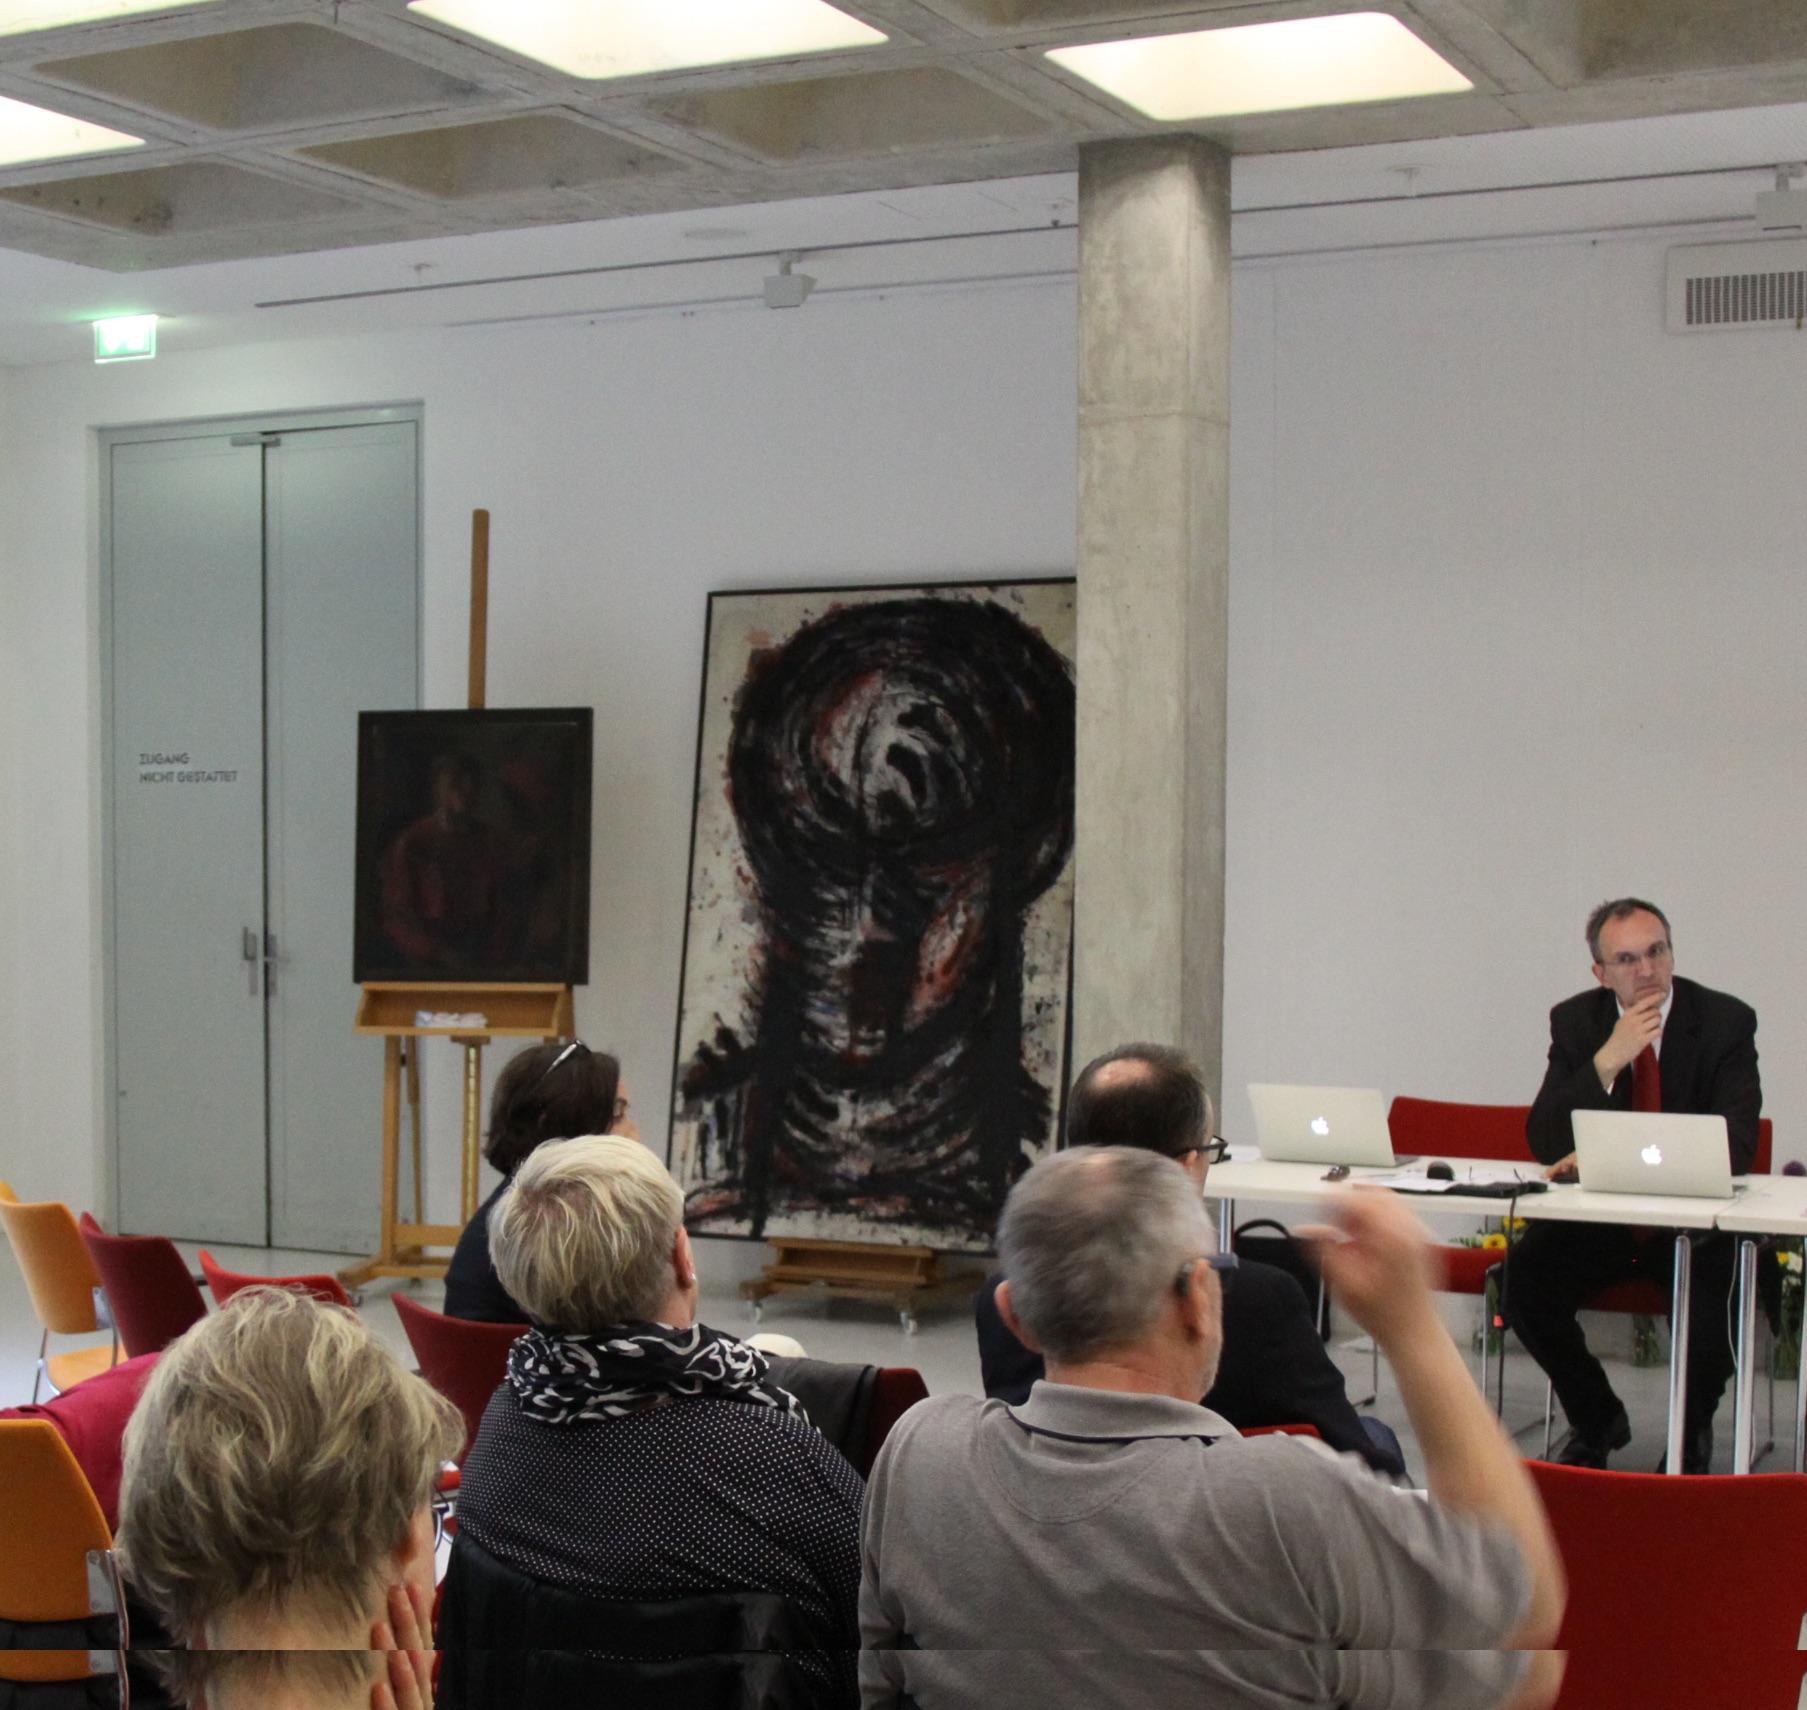 Förderverein BlMK, DKW, Ankauf Gemälde Böhme, Cottbus, Landesmuseum moderne Kunst